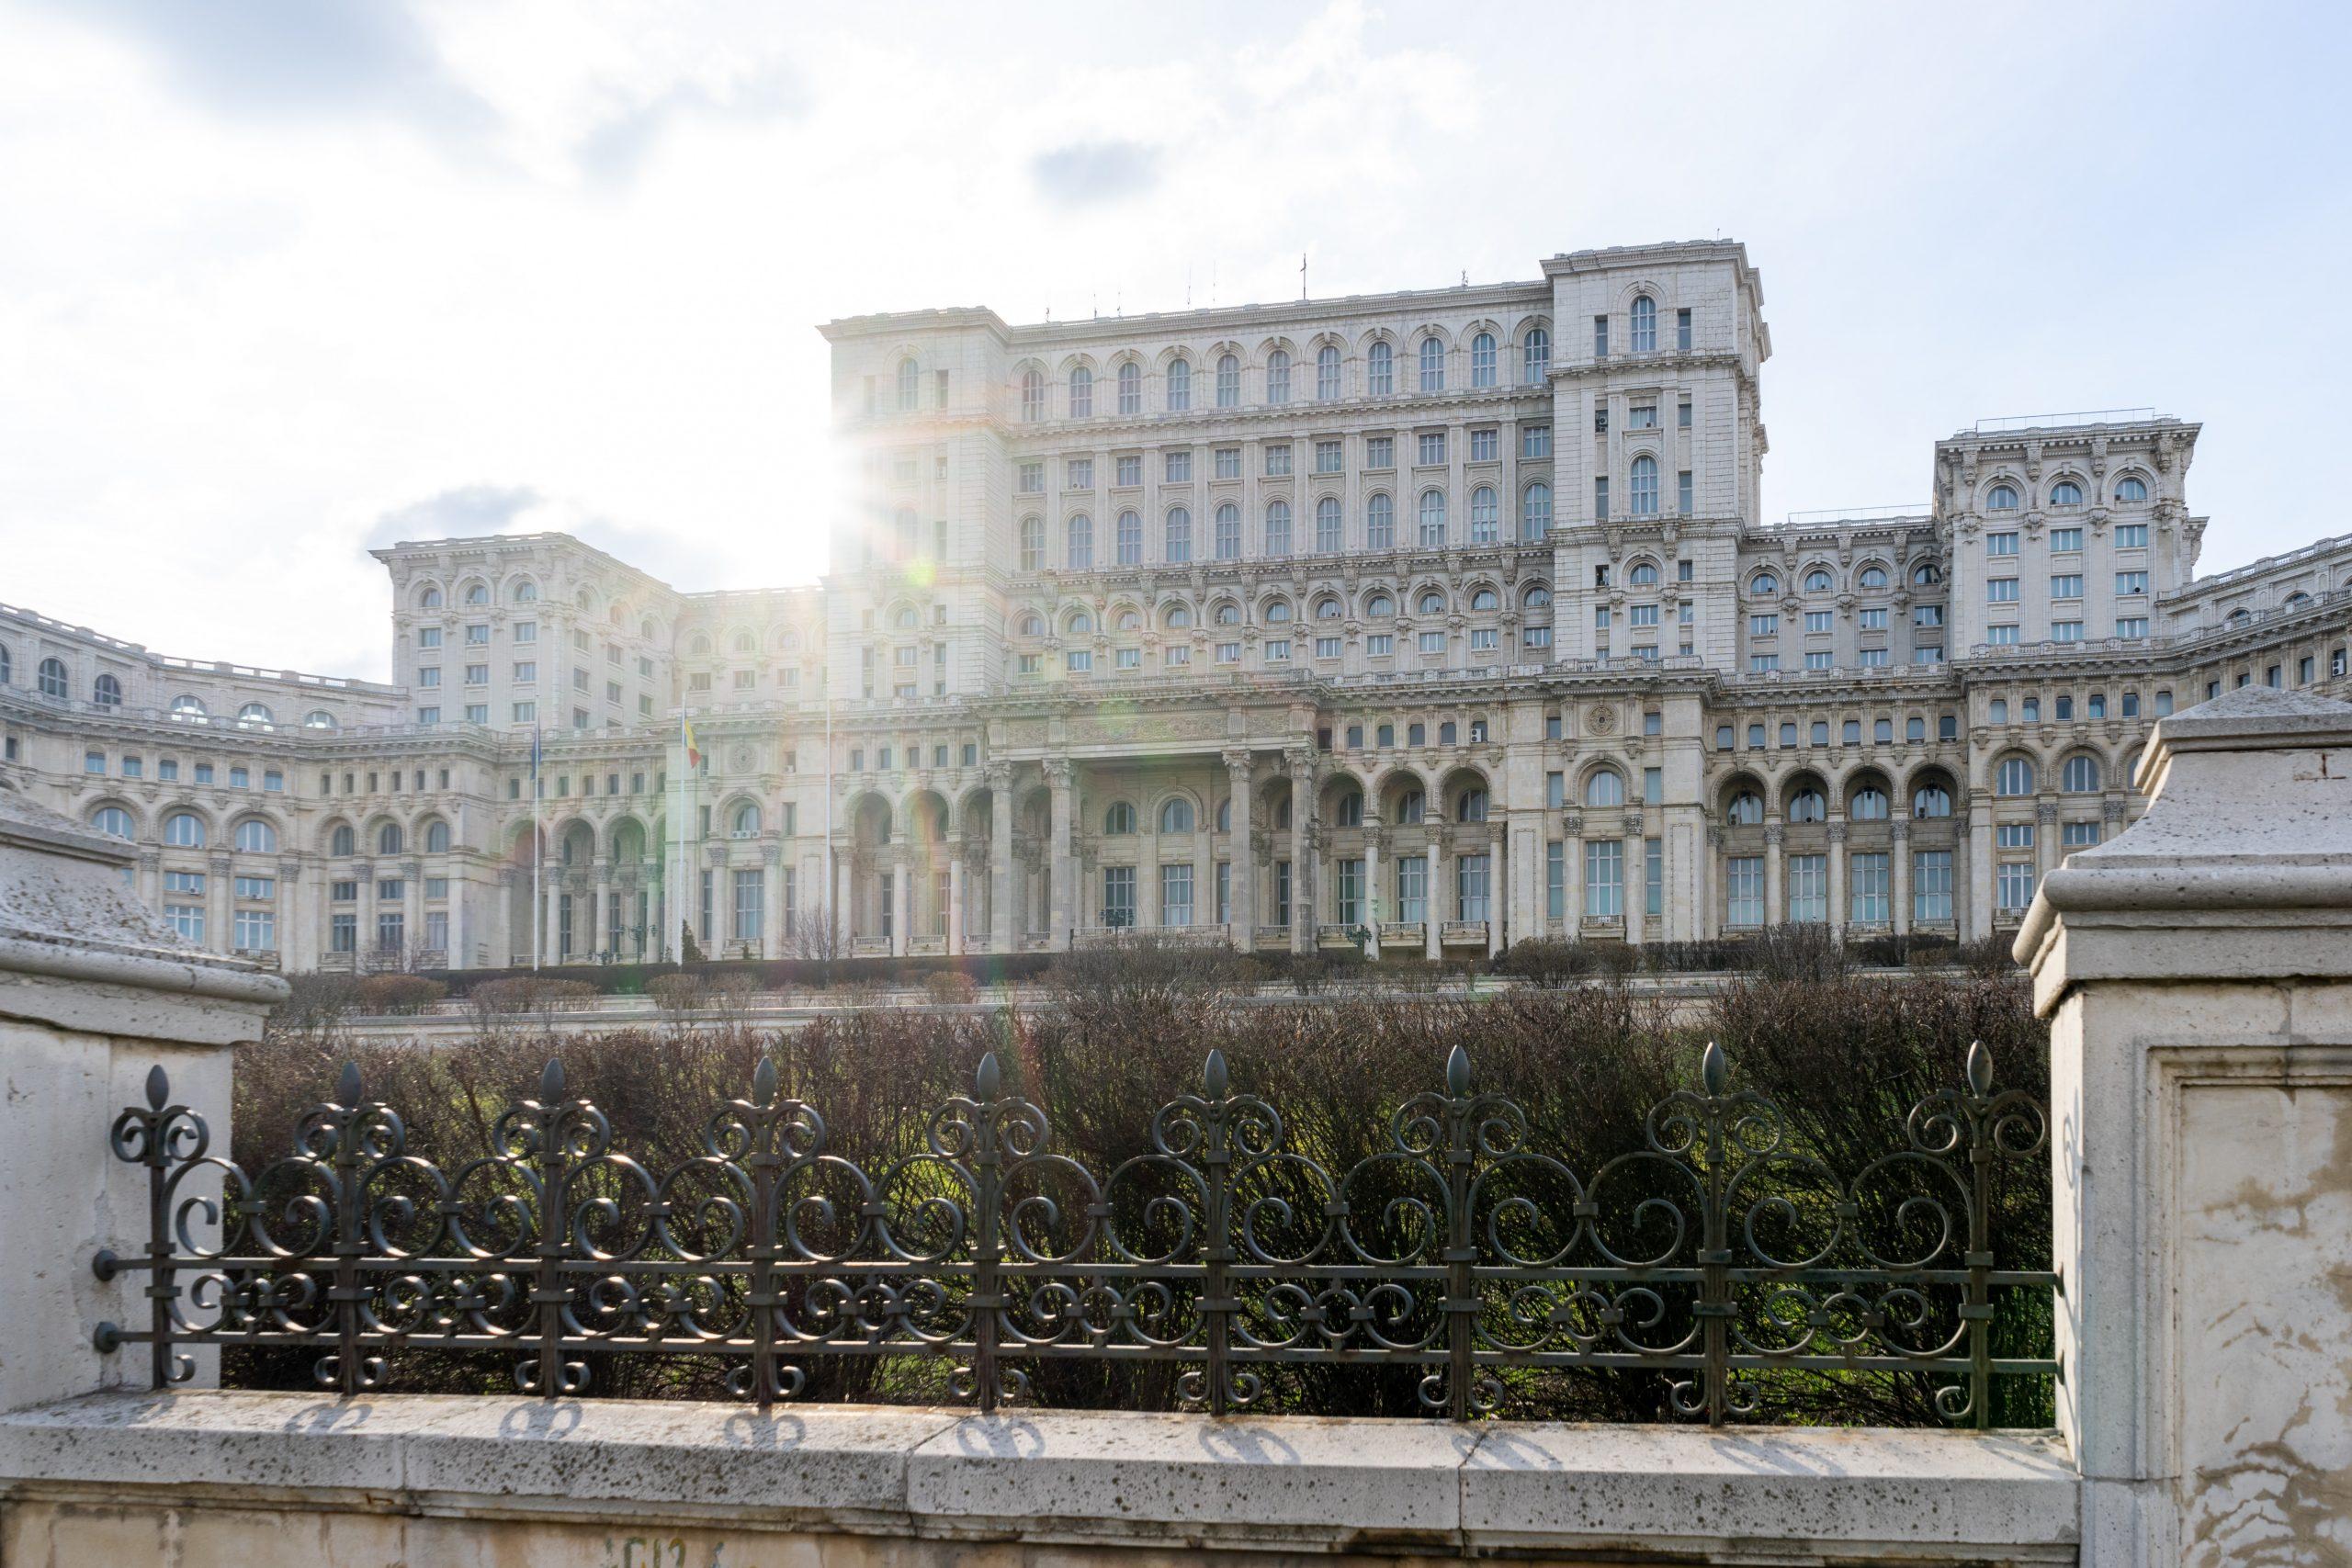 Prognoza meteo București. ANM: Valori termice în creștere ușoară